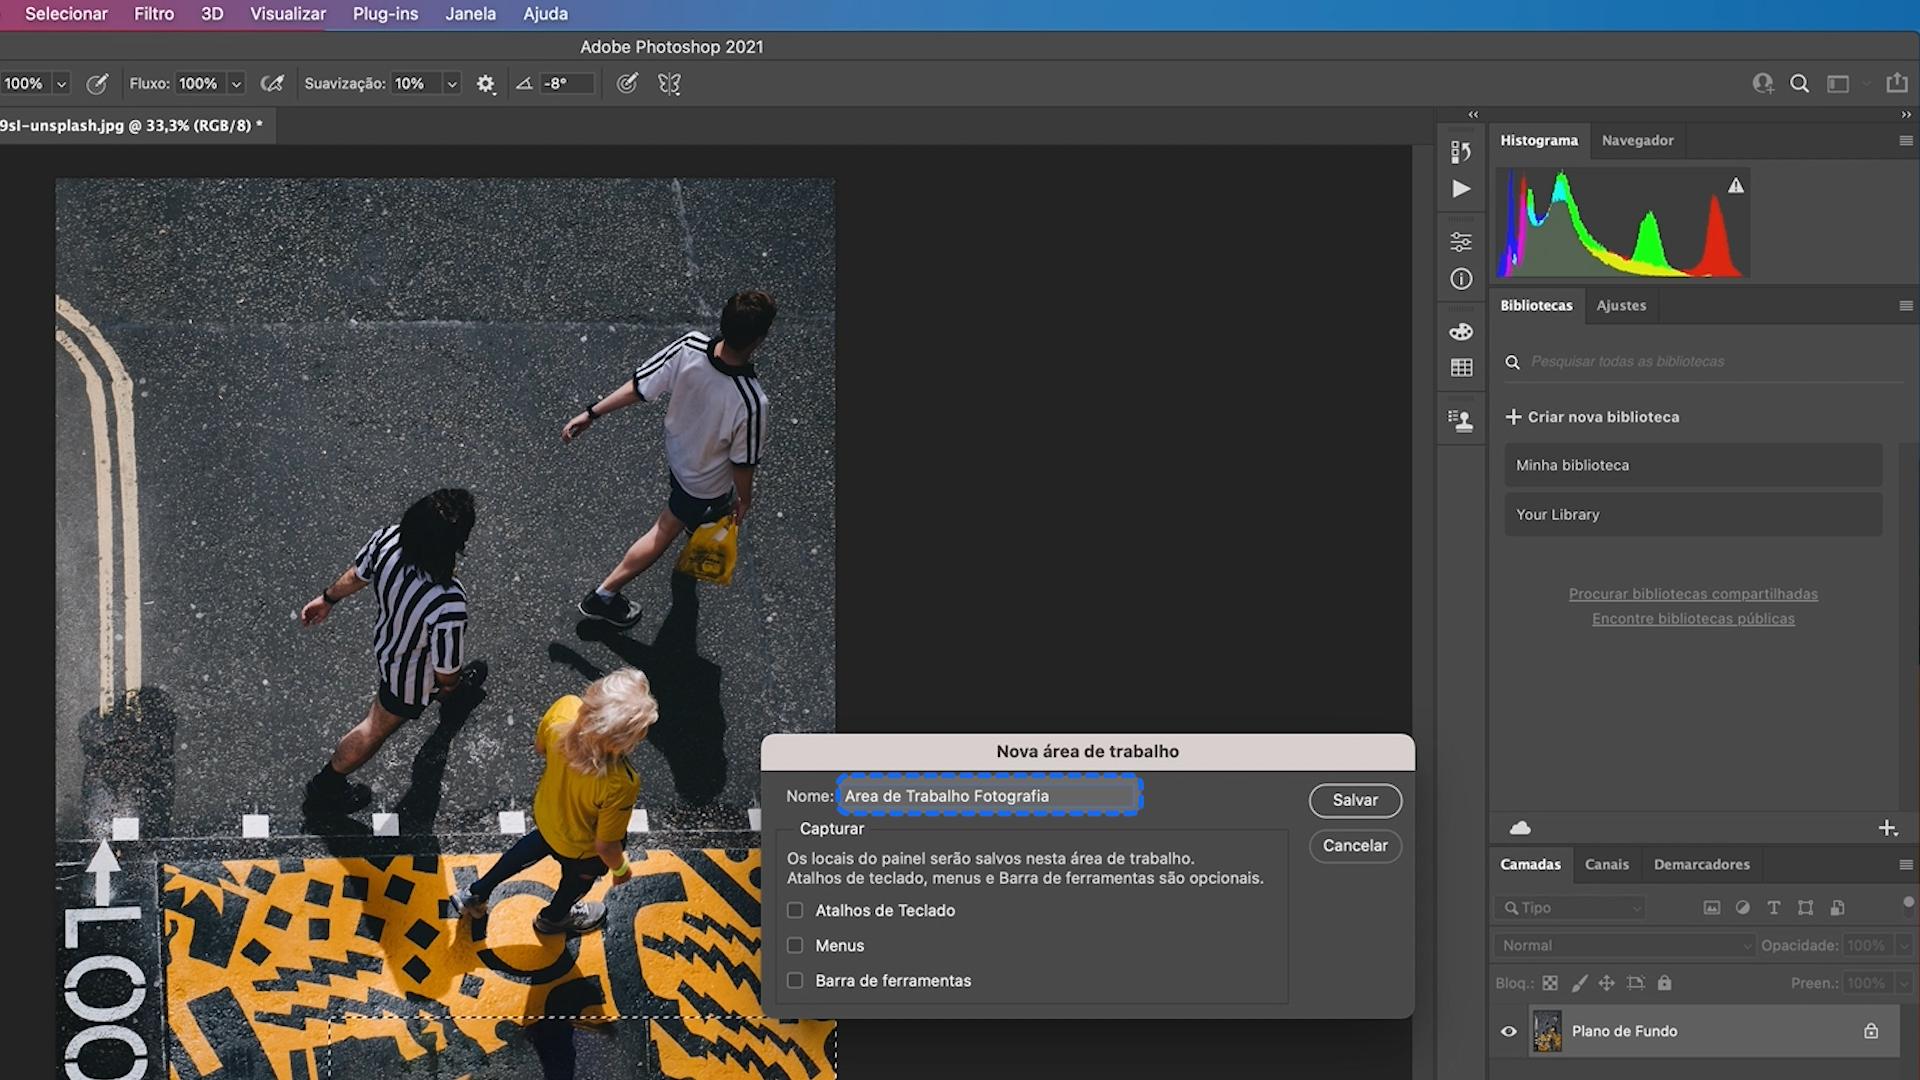 Como criar uma nova área de trabalho do Photoshop 2